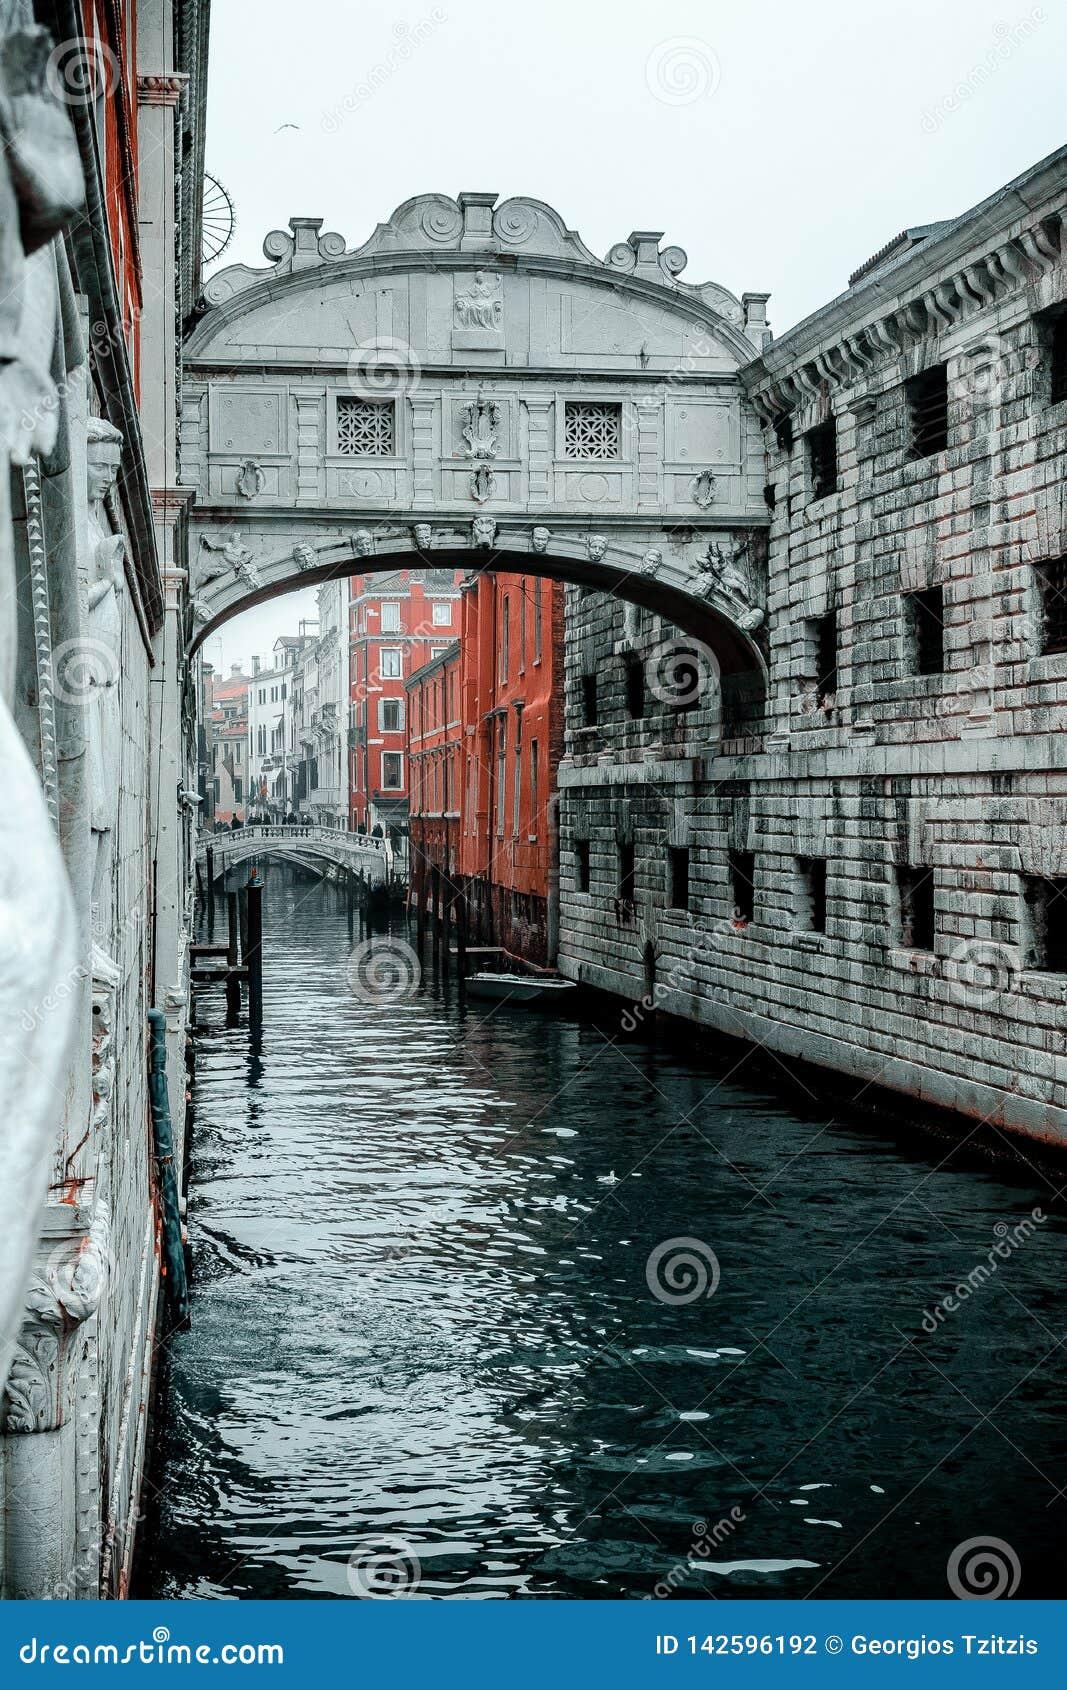 Schnappschuß der Brücke von Seufzern die alte Weise, dass Leute vor ewigem Gefängnis kreuzen